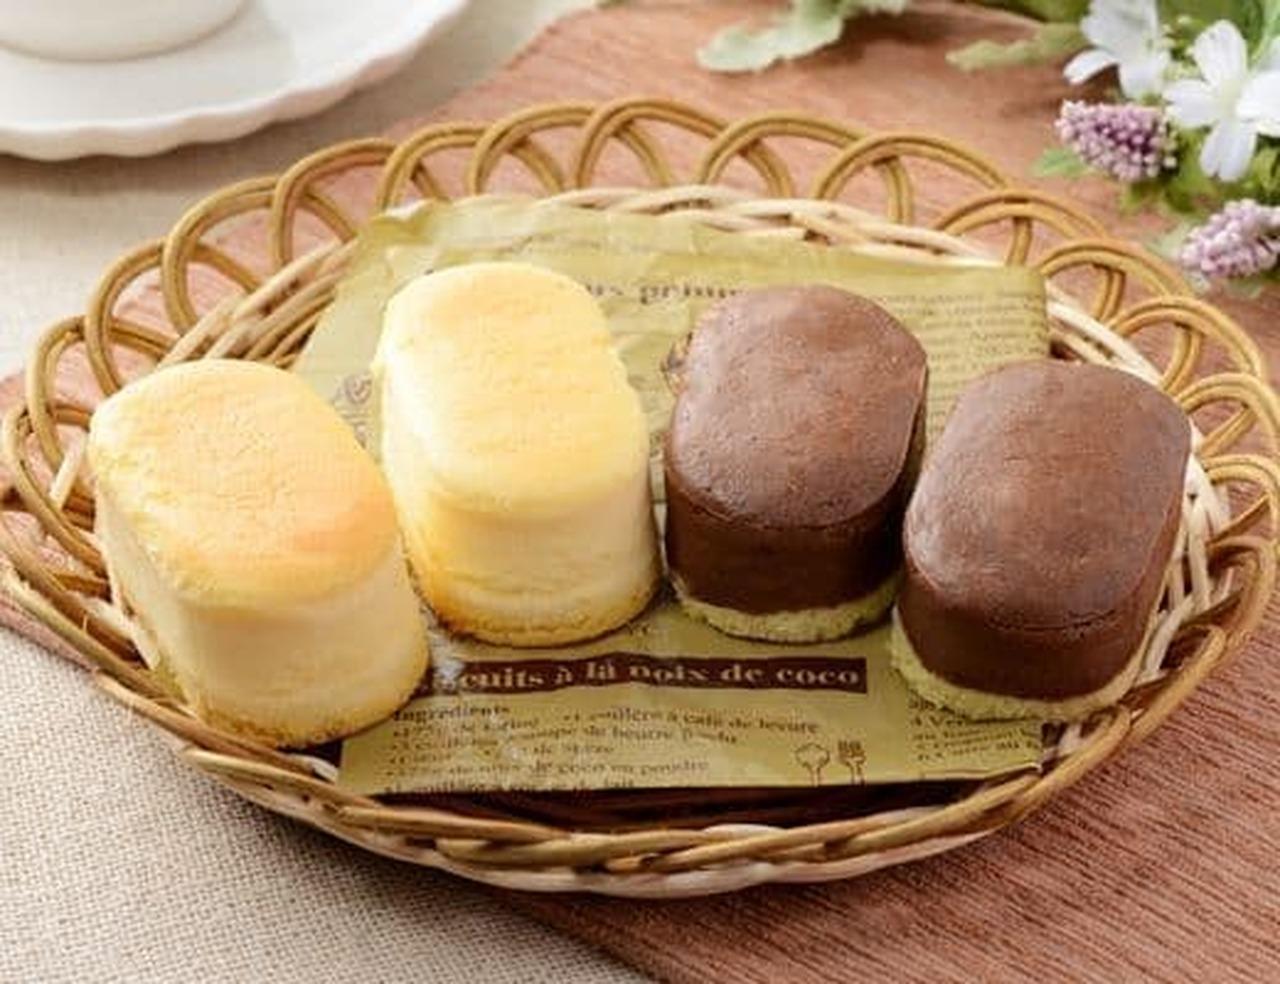 ローソン「プチスフレ(チーズ&チョコチーズ)」